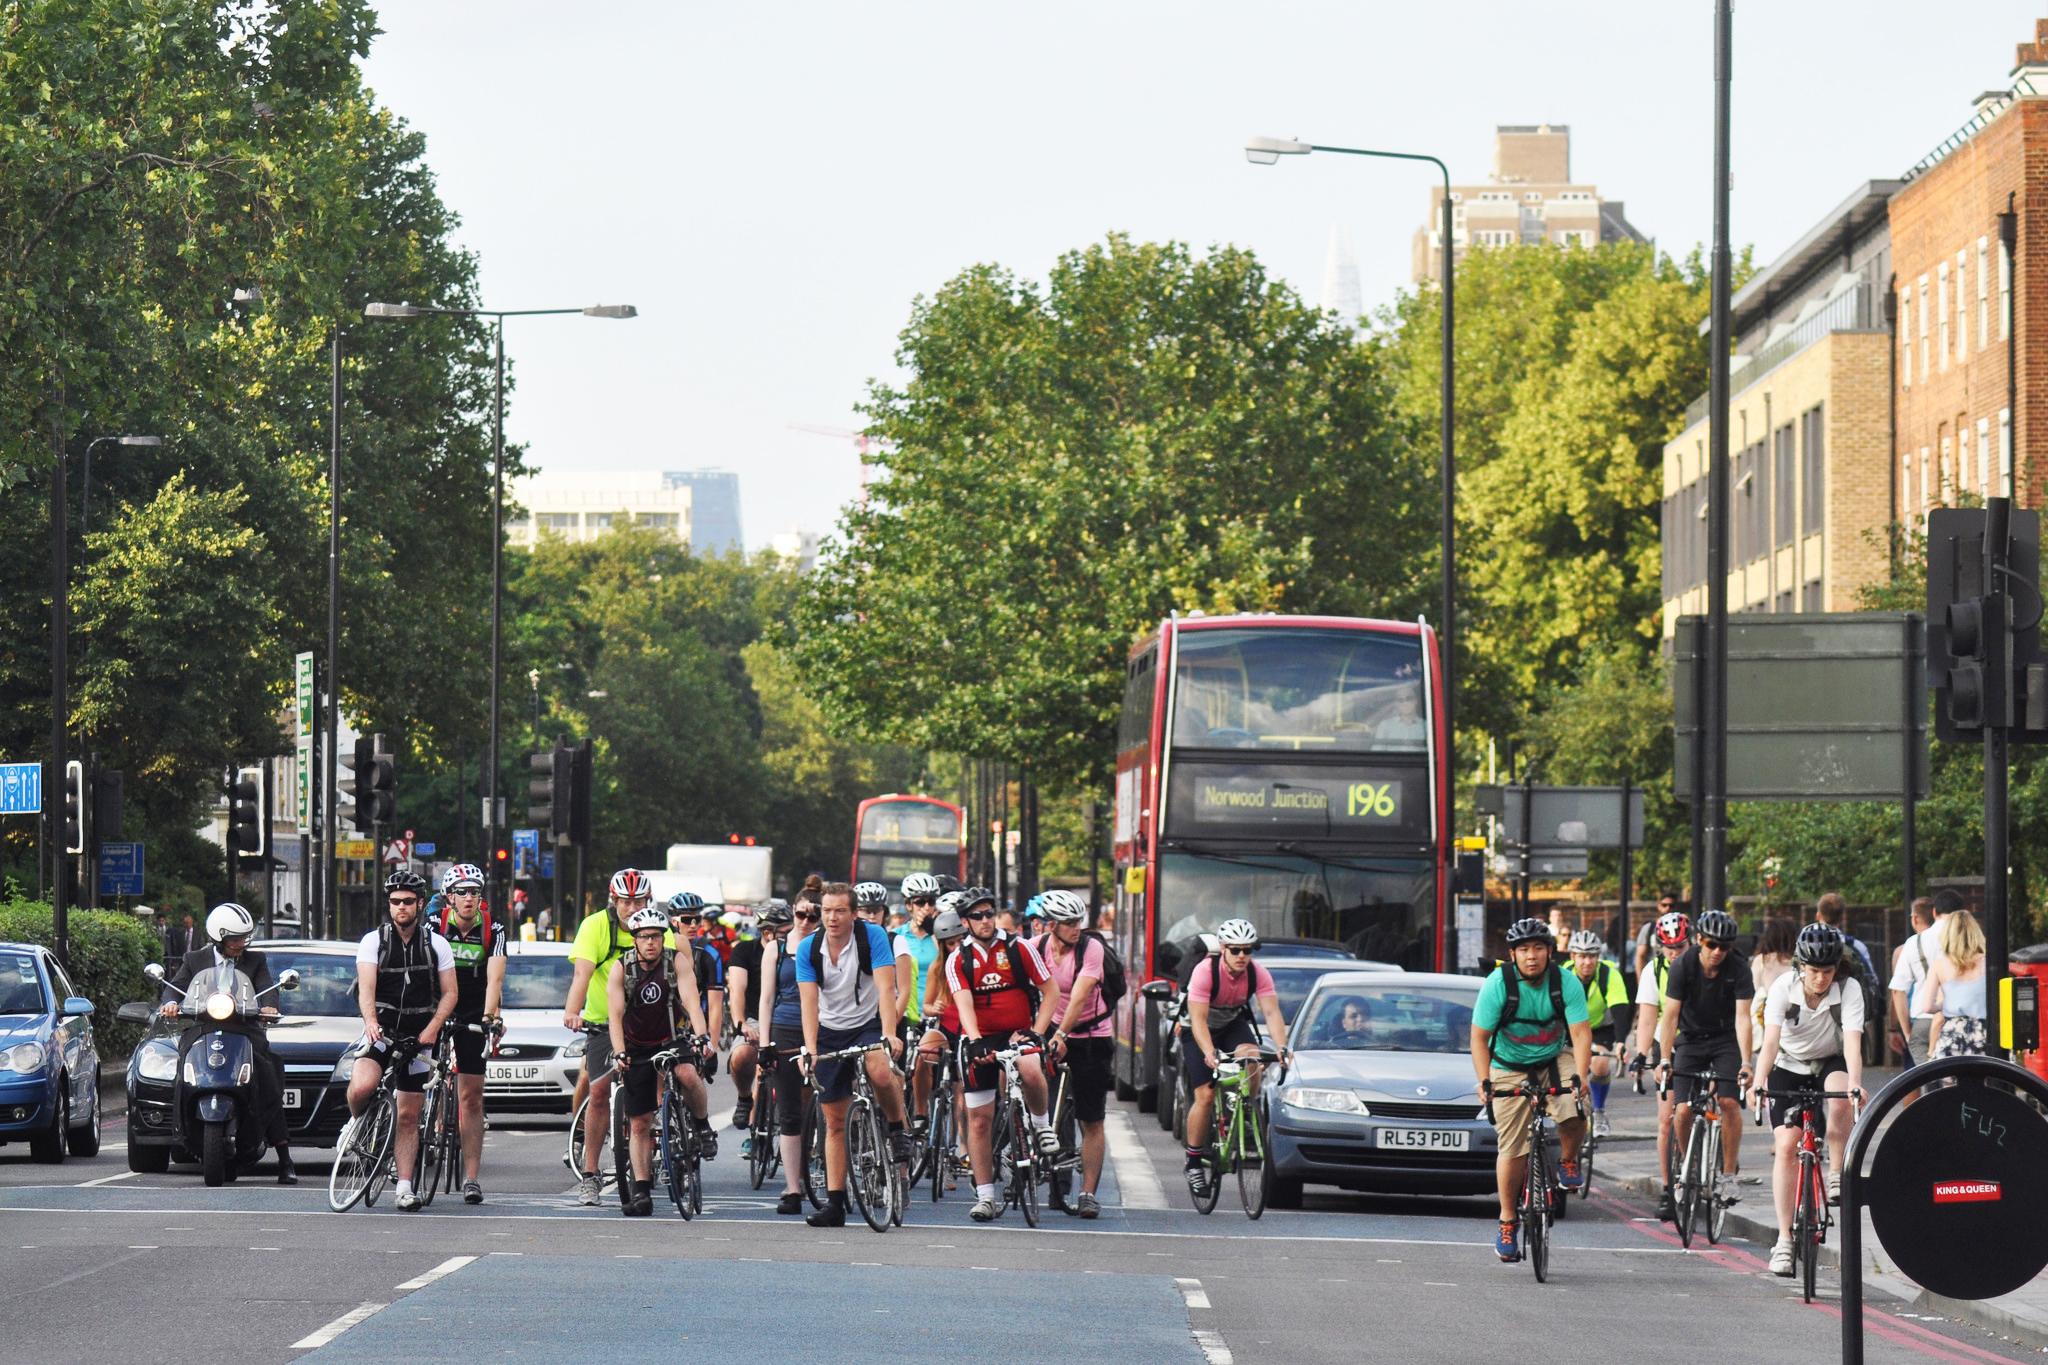 Carros, ônibus e bikes em Clapham Road. Foto: stevekeiretsu @ Flickr